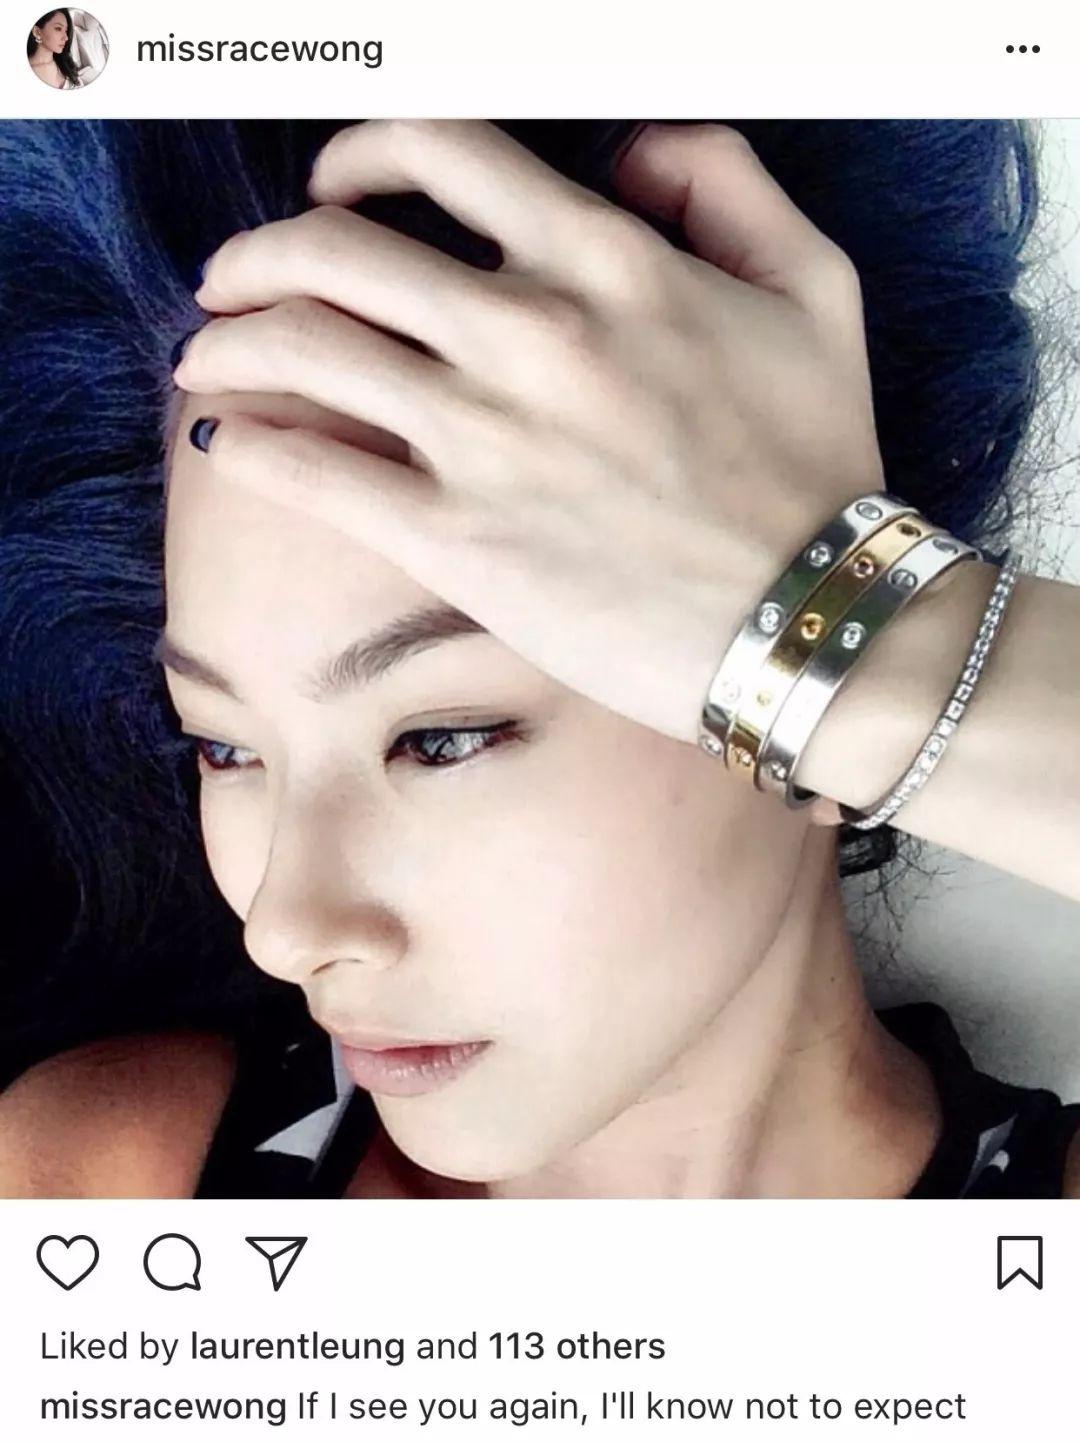 佐豪 前女友